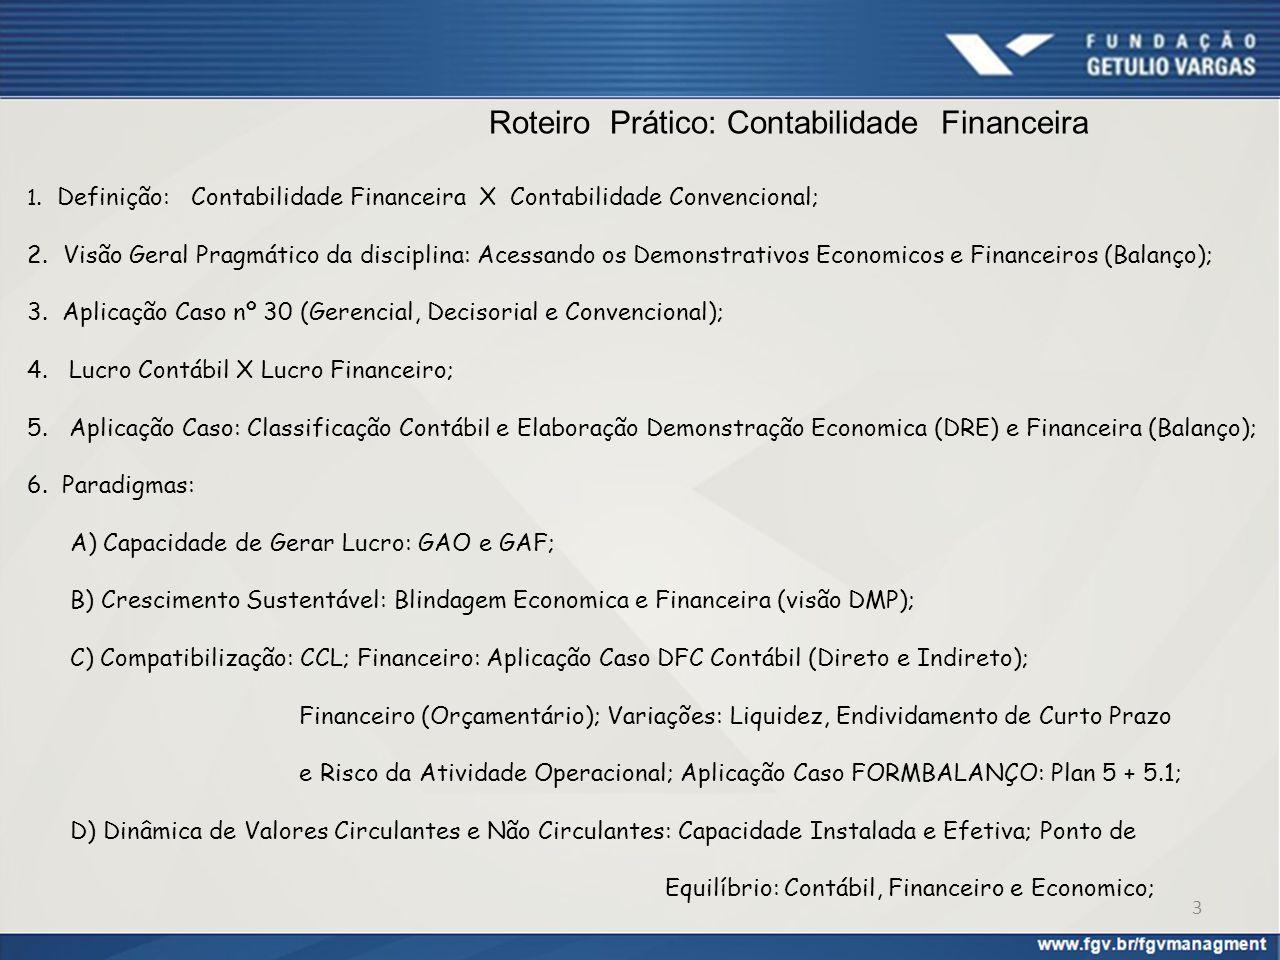 Roteiro Prático: Contabilidade Financeira 1. Definição: Contabilidade Financeira X Contabilidade Convencional; 2.Visão Geral Pragmático da disciplina: